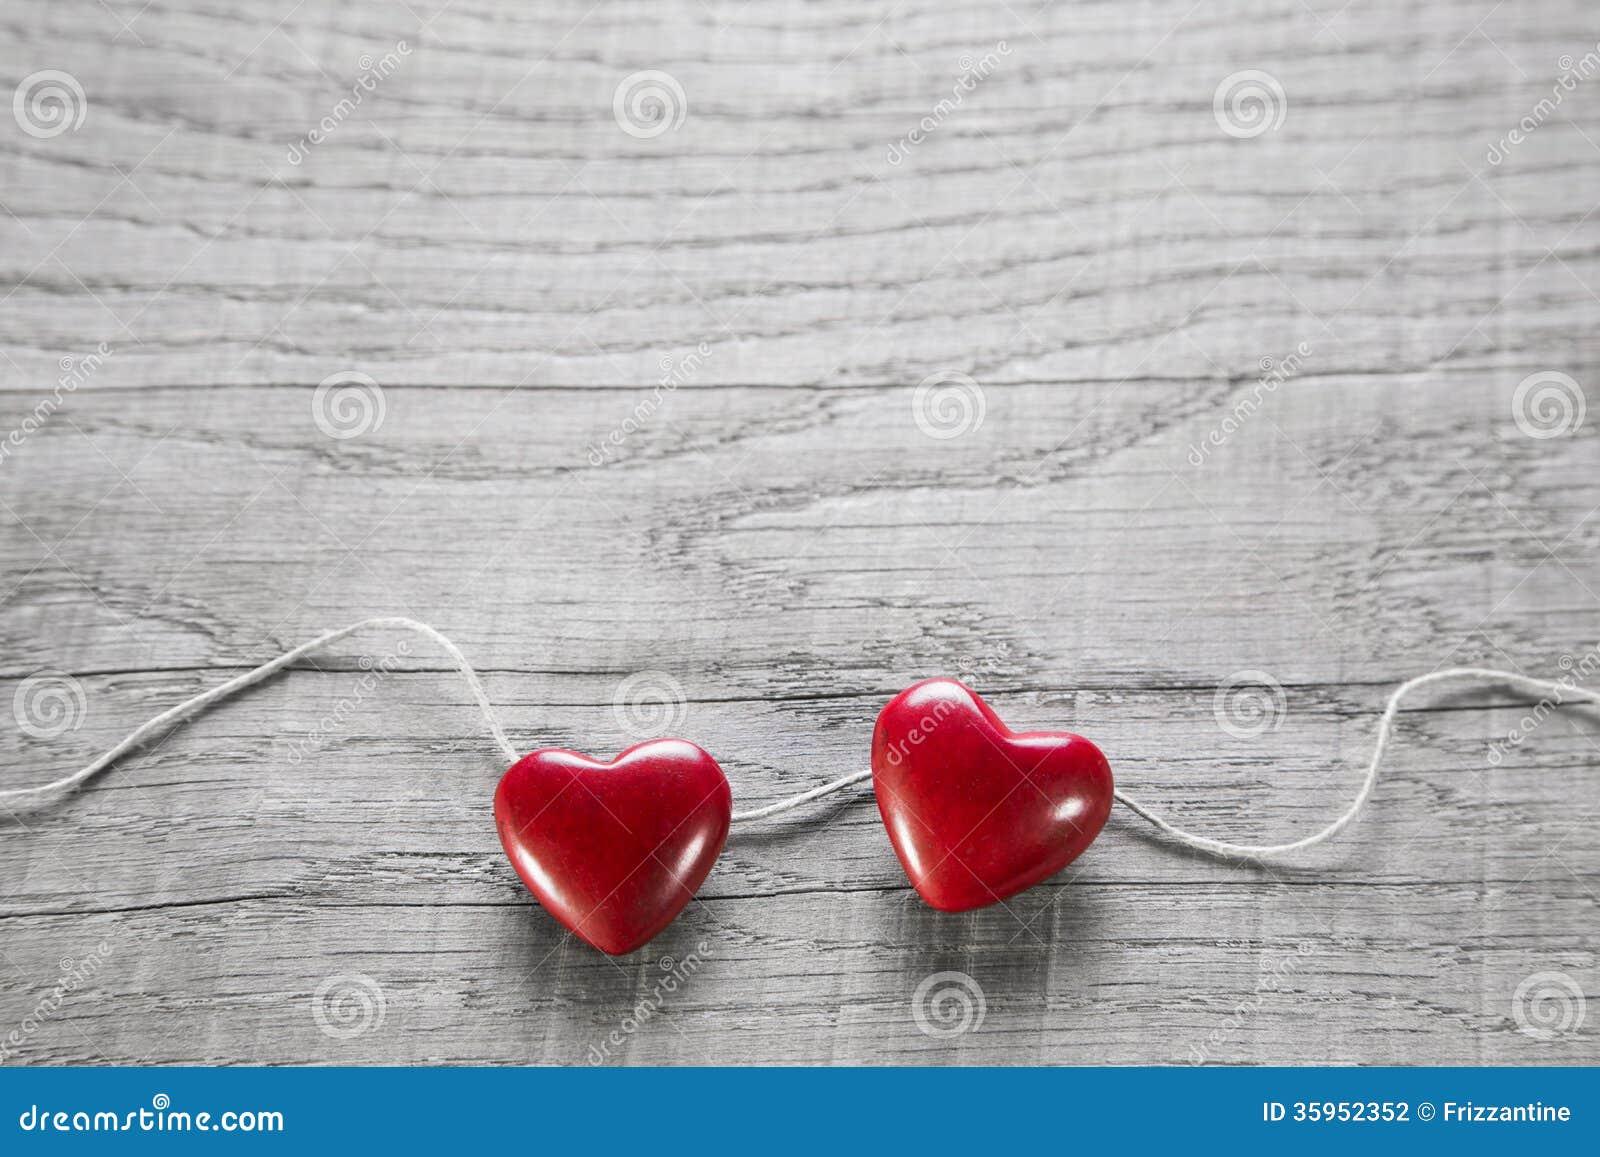 Dos corazones rojos en un fondo lamentable de madera para la tarjeta del día de San Valentín.